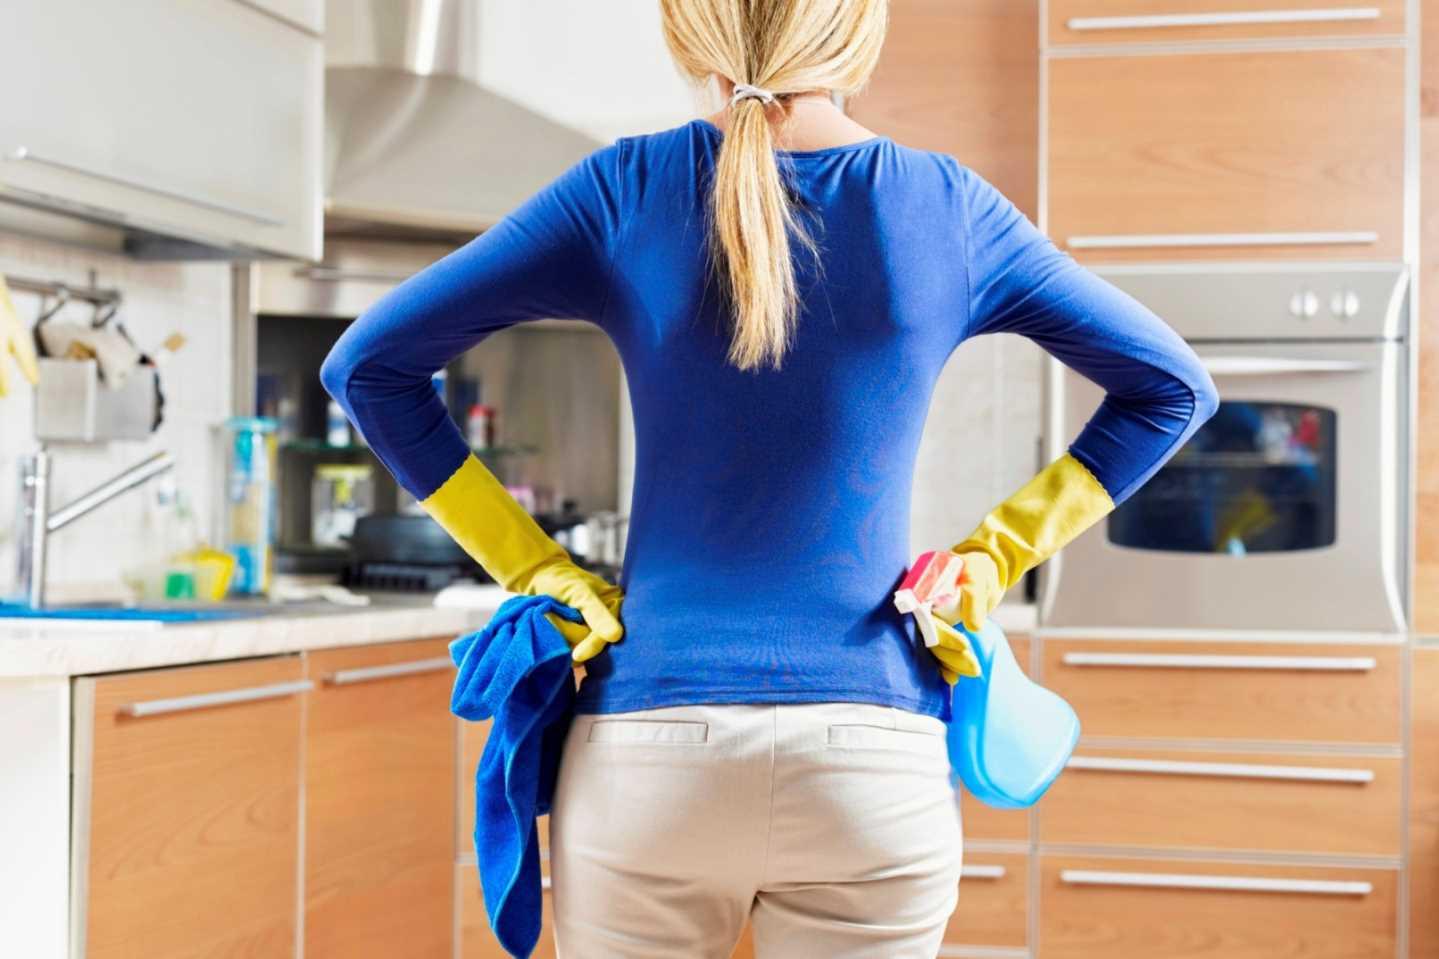 Servicios de limpieza Homeservices Costa Rica 024